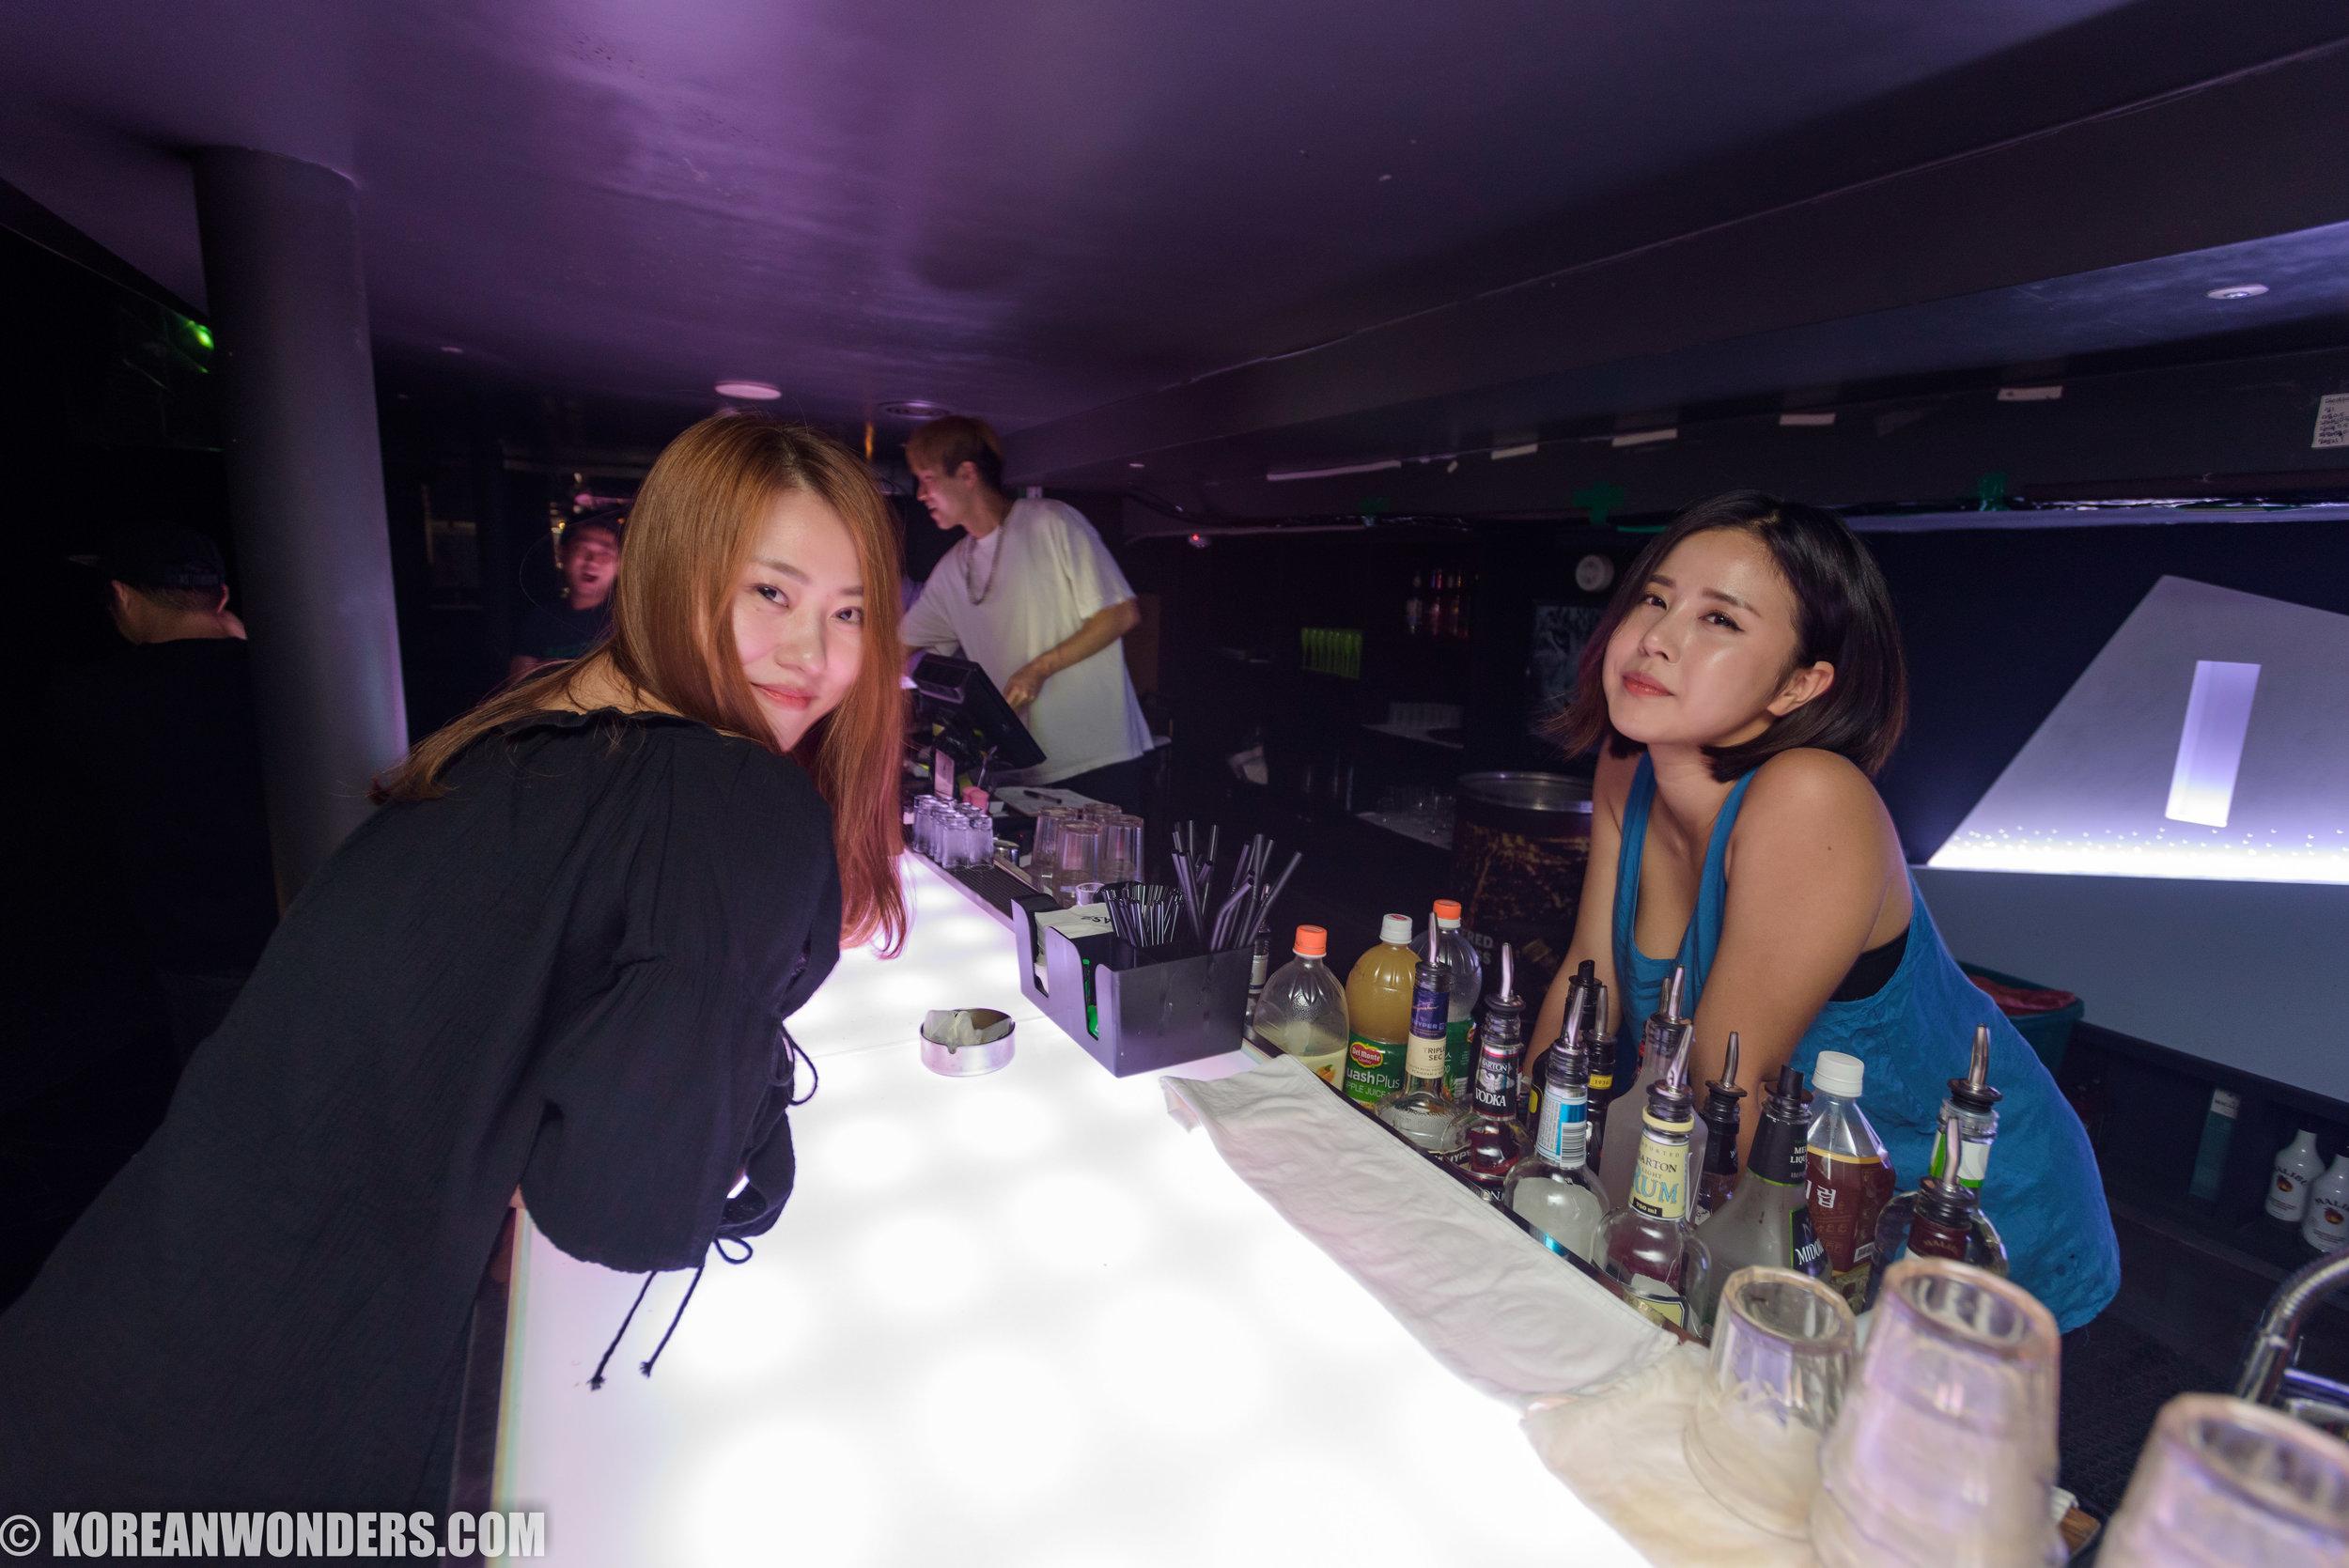 Party at Club BASE - 2015.08.23 (Sat)